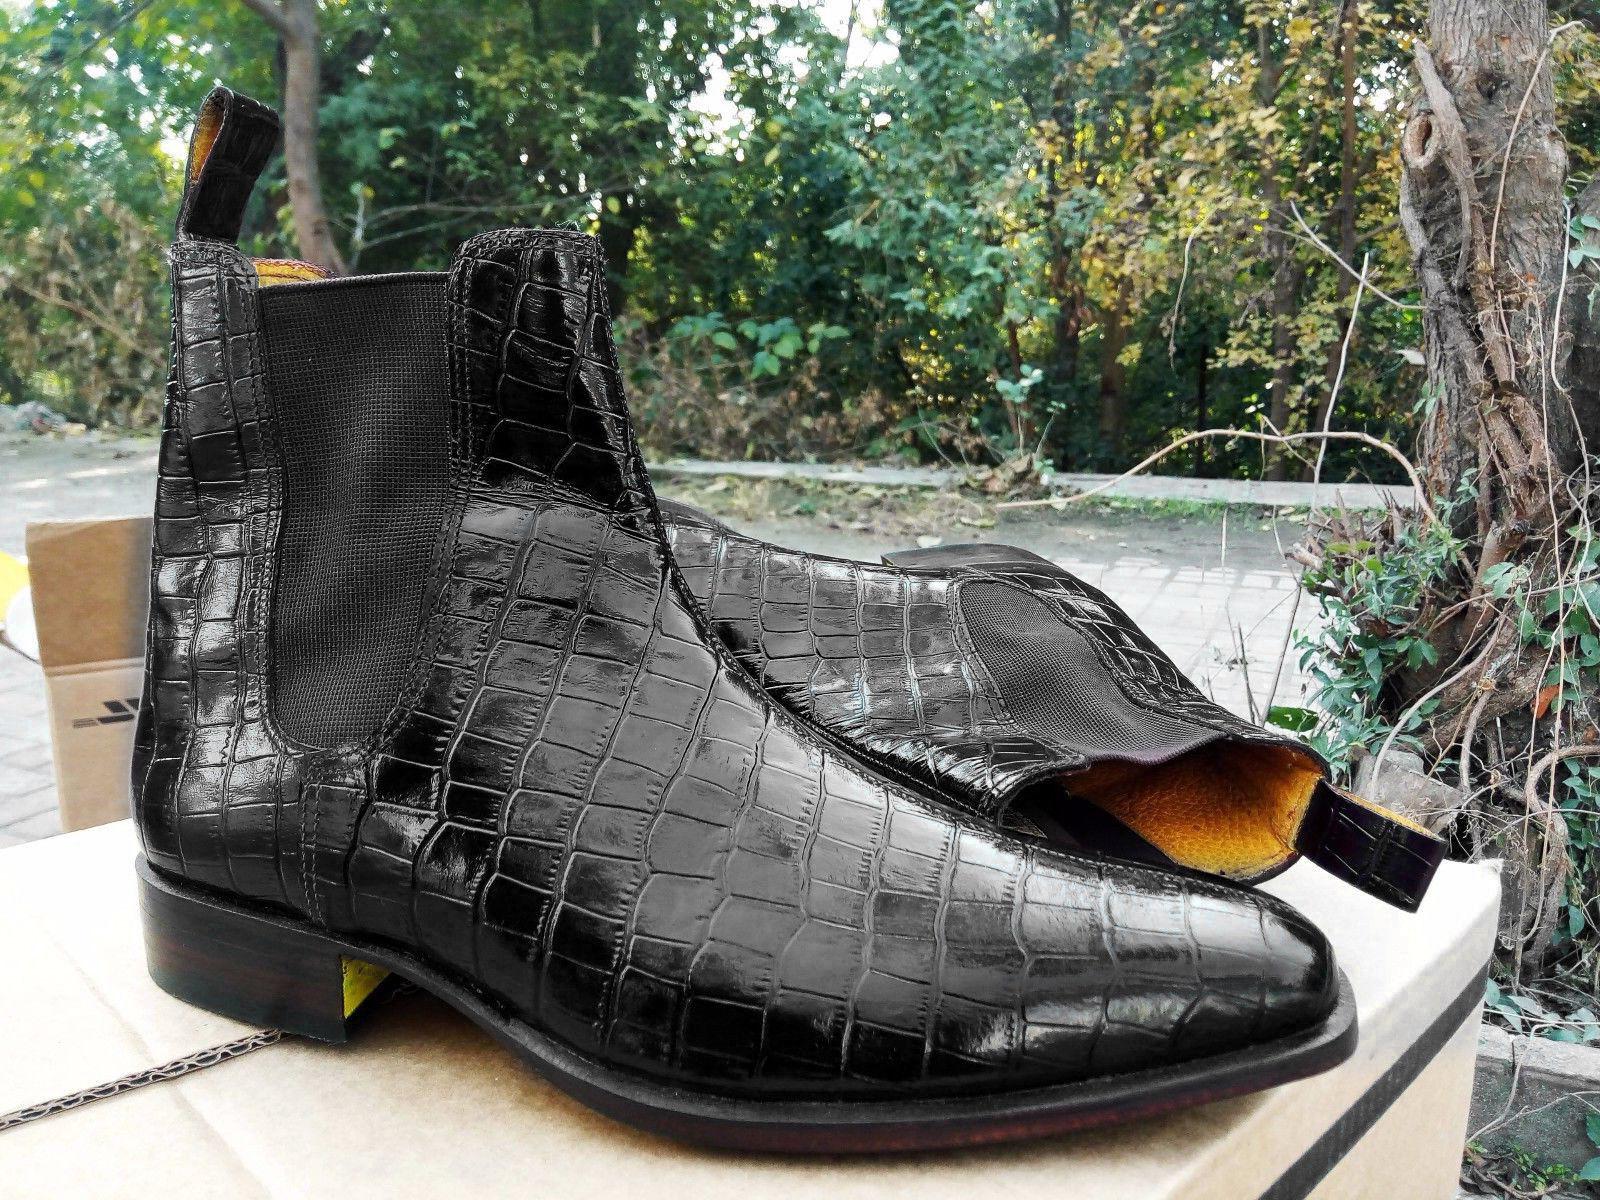 consegna lampo Alligator Chelsea stivali, nero Crocodile Chelsea avvio, Handmade Leather Leather Leather stivali  spedizione gratuita in tutto il mondo